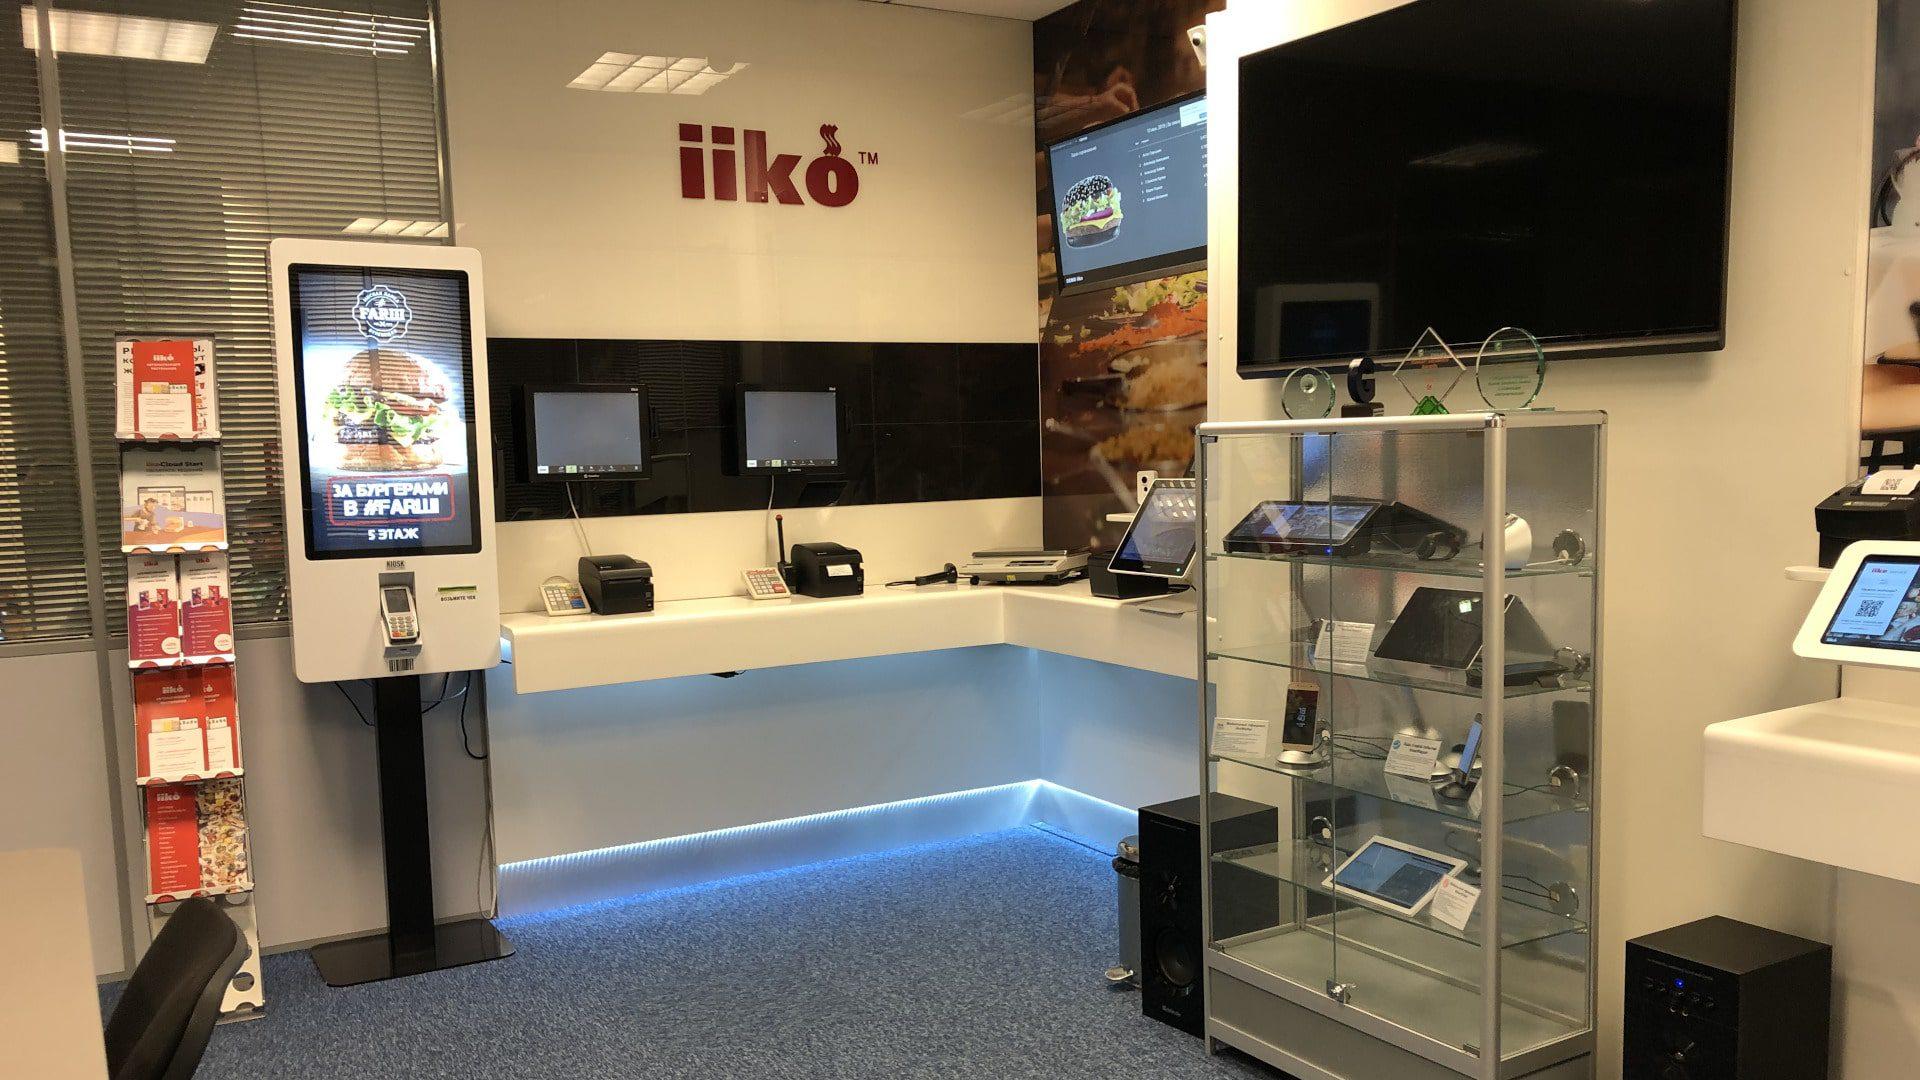 Киоски самообслуживания Q-60 для работы iiko